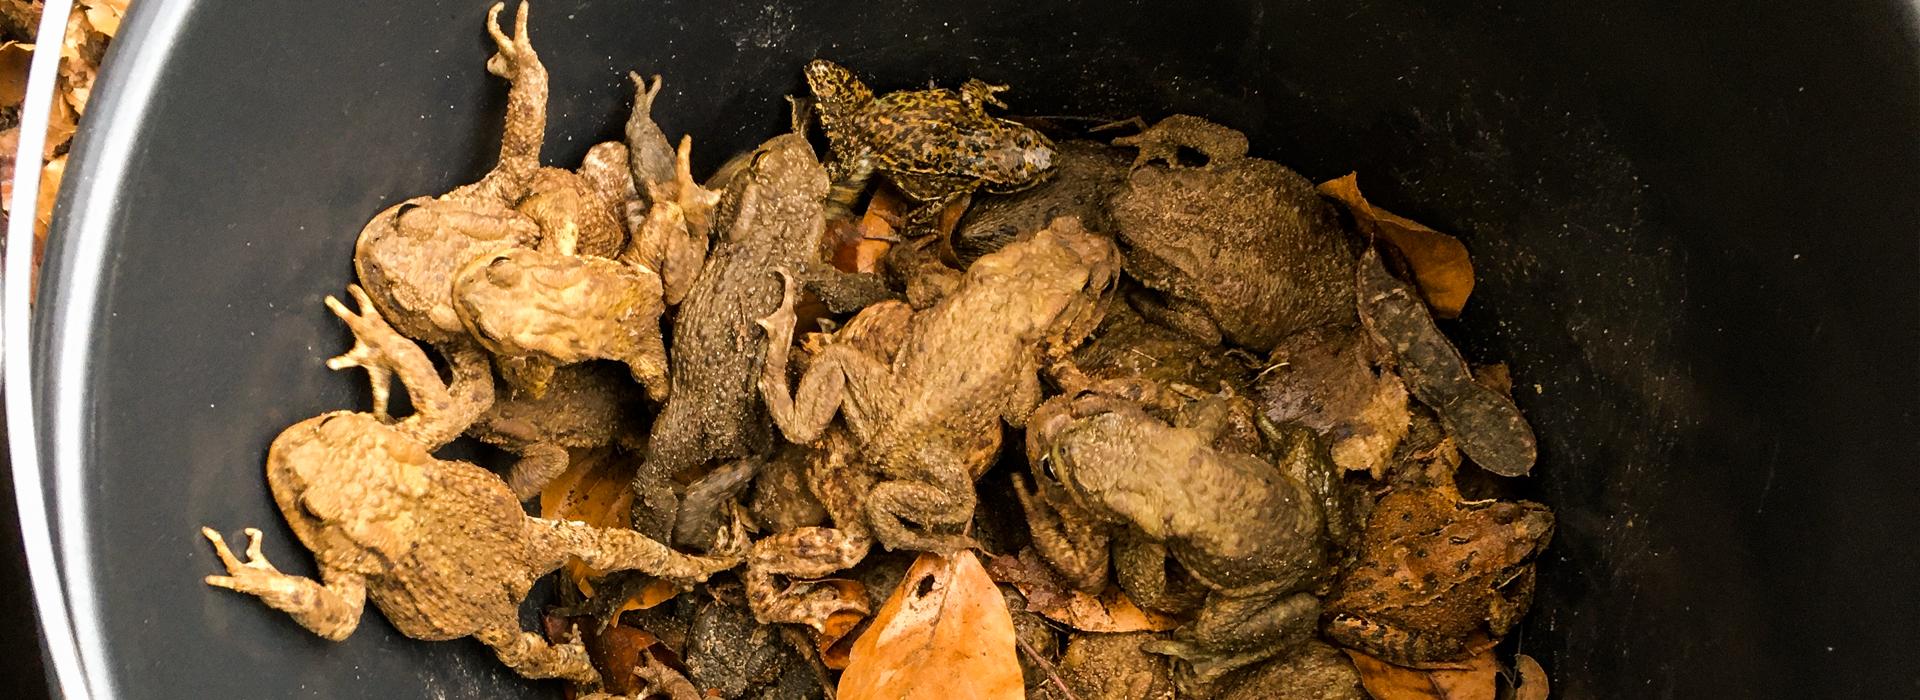 gesammelte Amphibien